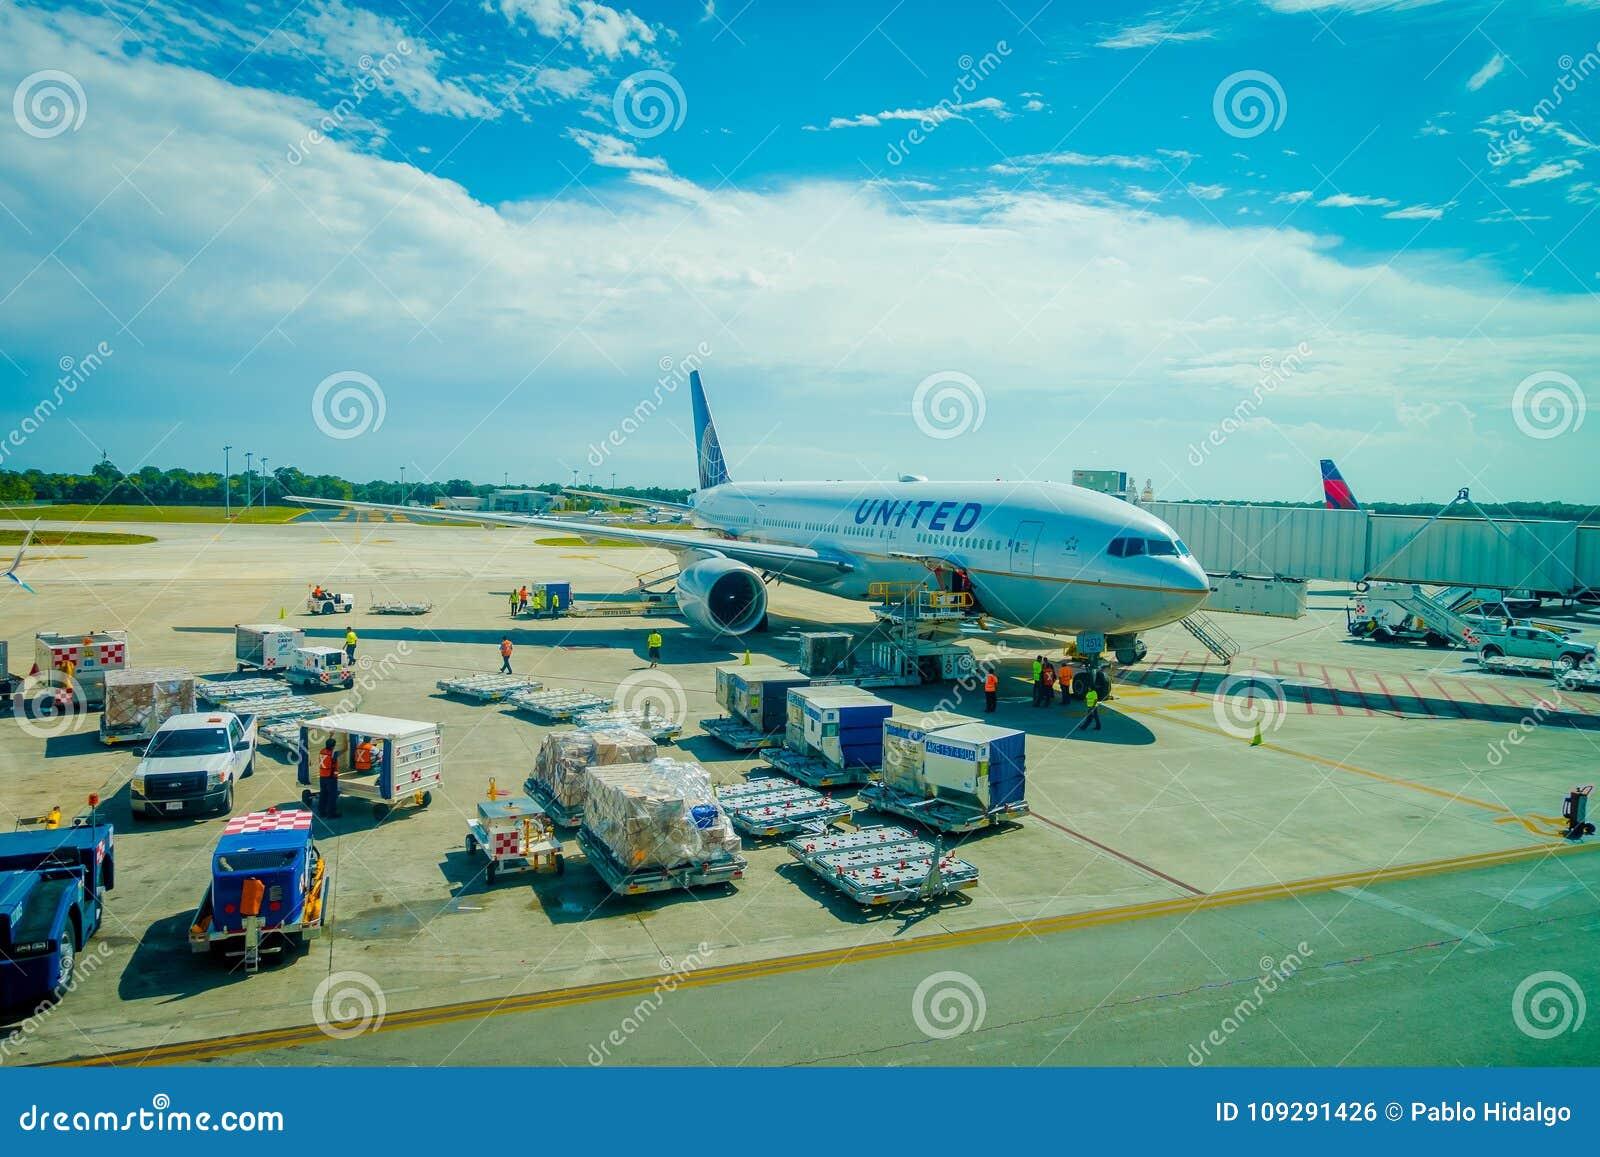 CANCUN, MEXIQUE - 12 NOVEMBRE 2017 : Avions sur la piste de l aéroport international de Cancun au Mexique L aéroport est